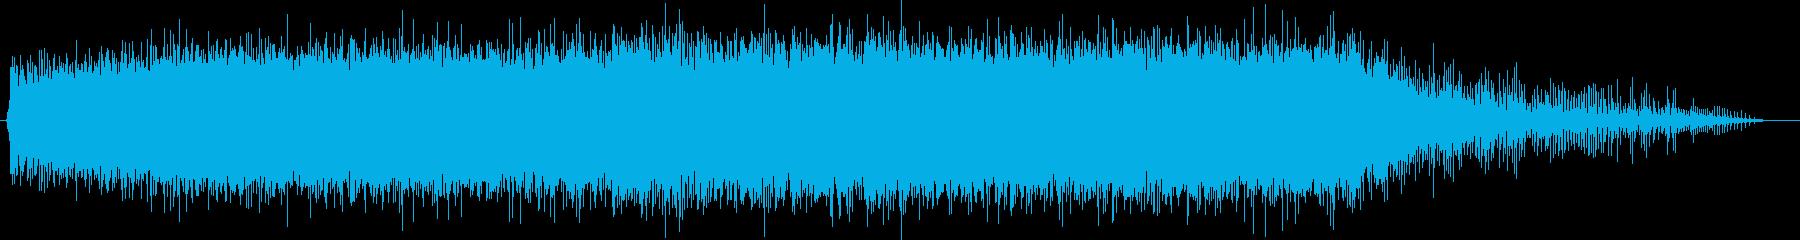 大型電動ブレンダー:起動、高速運転...の再生済みの波形